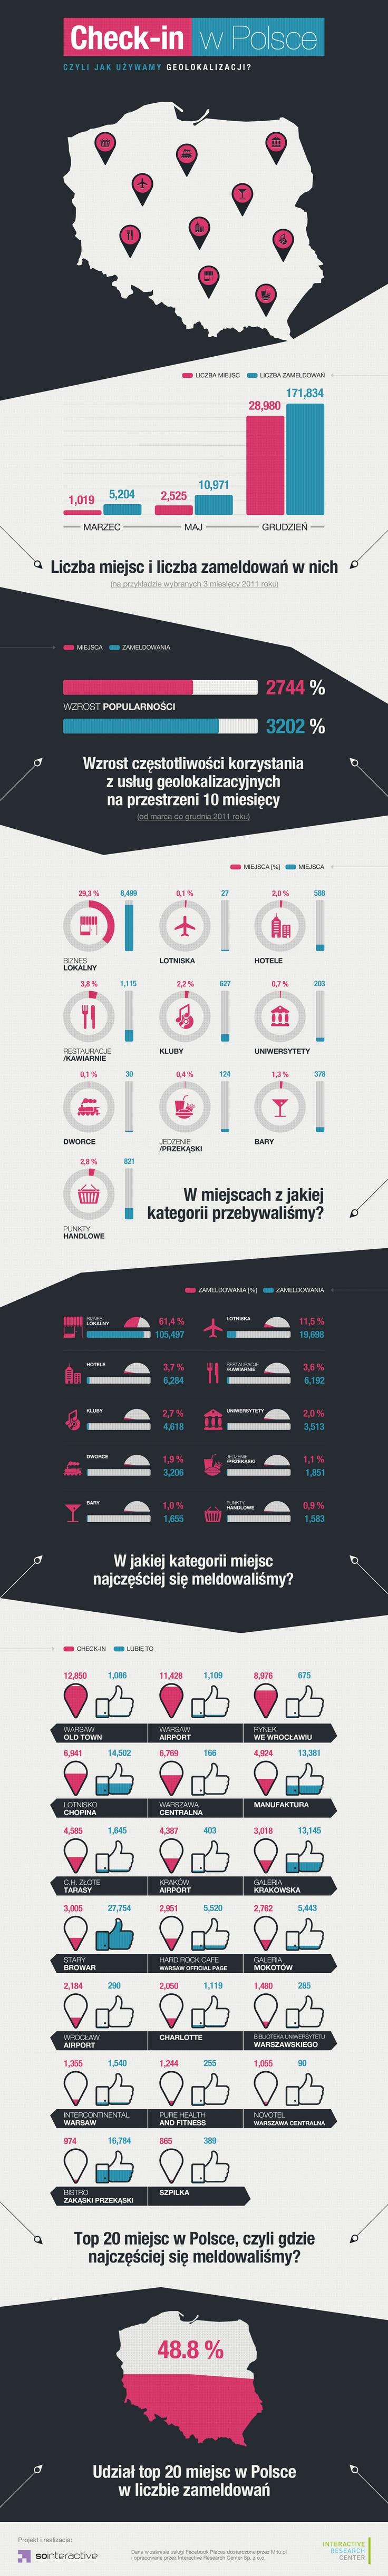 Interactive Research Center - check-in w Polsce